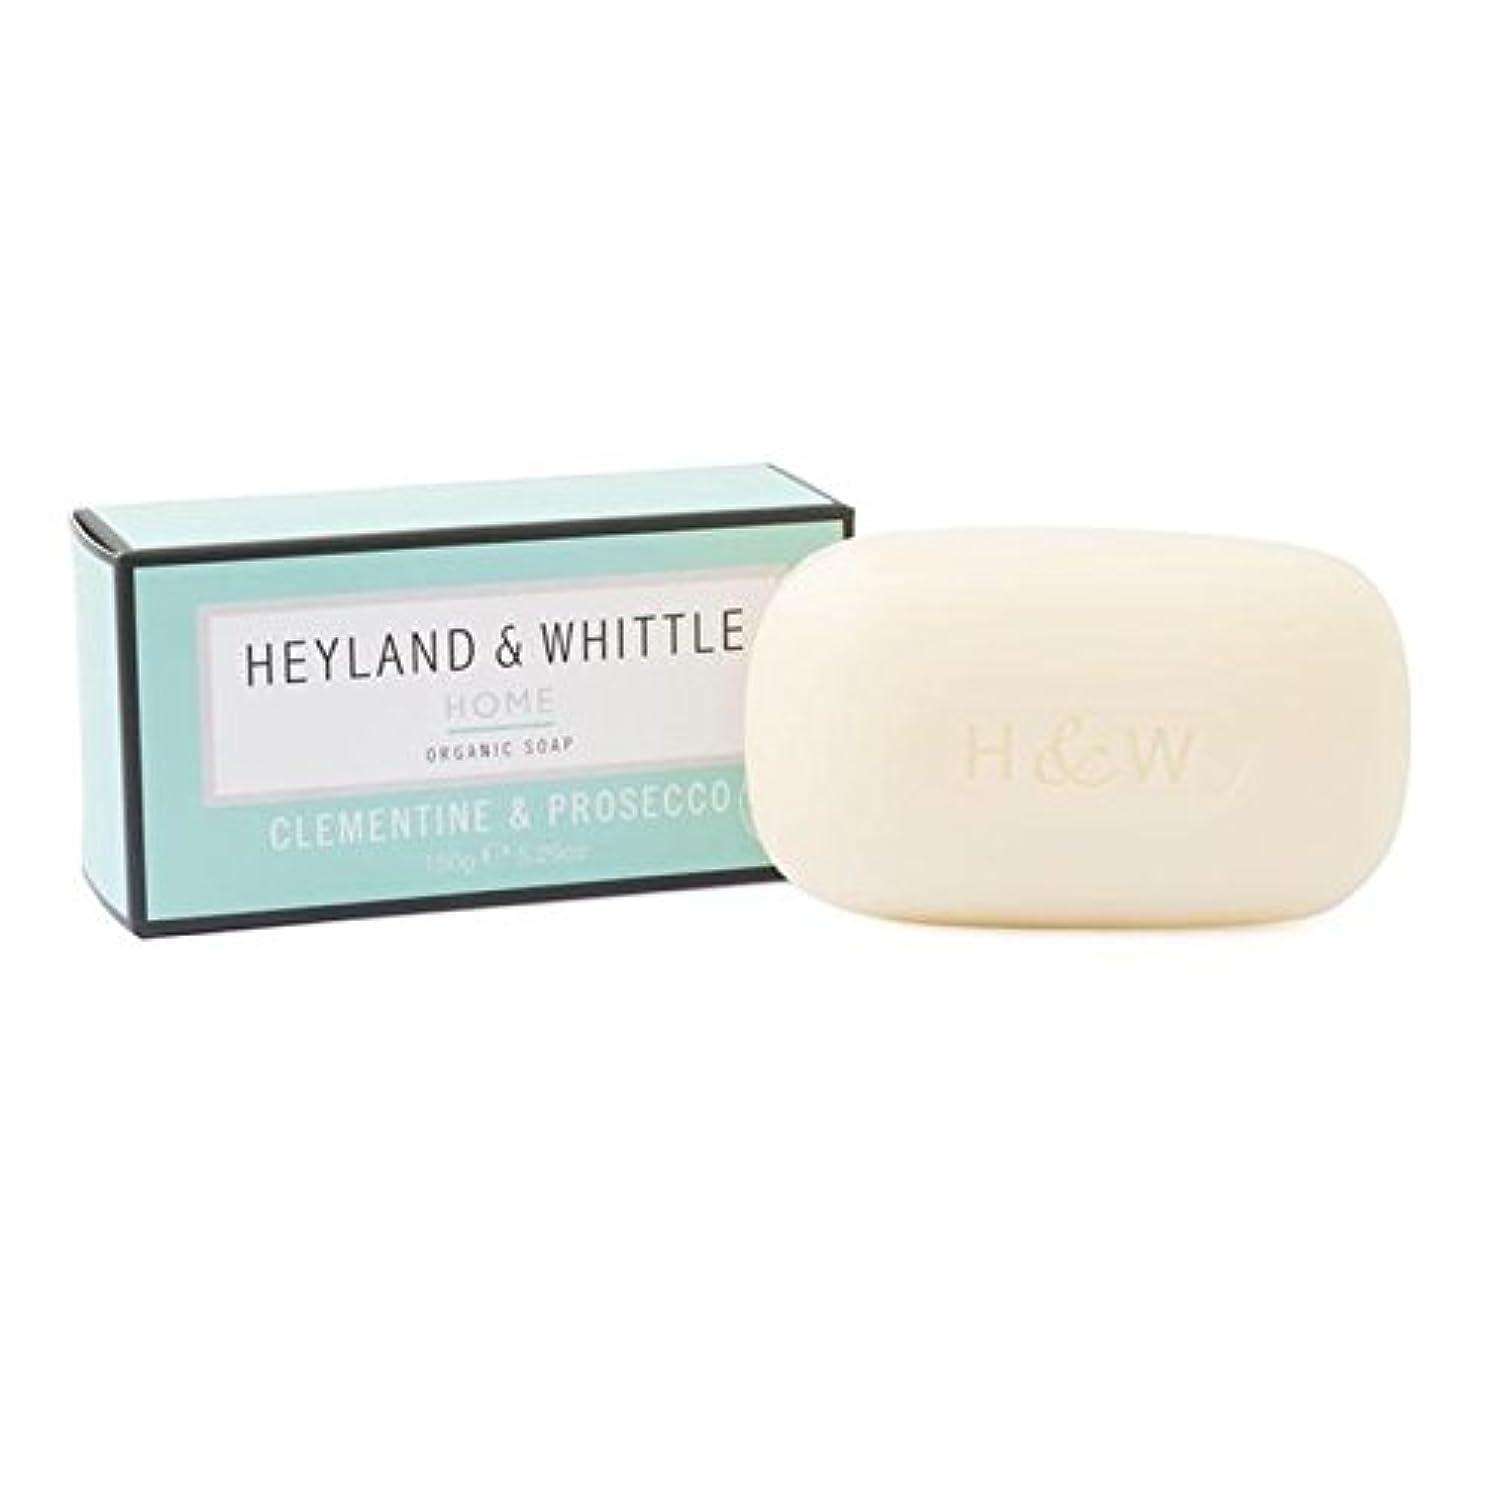 終点滑りやすい寸法Heyland & Whittle Home Clementine & Prosecco Organic Soap 150g - &削るホームクレメンタイン&プロセッコ有機石鹸150グラム [並行輸入品]